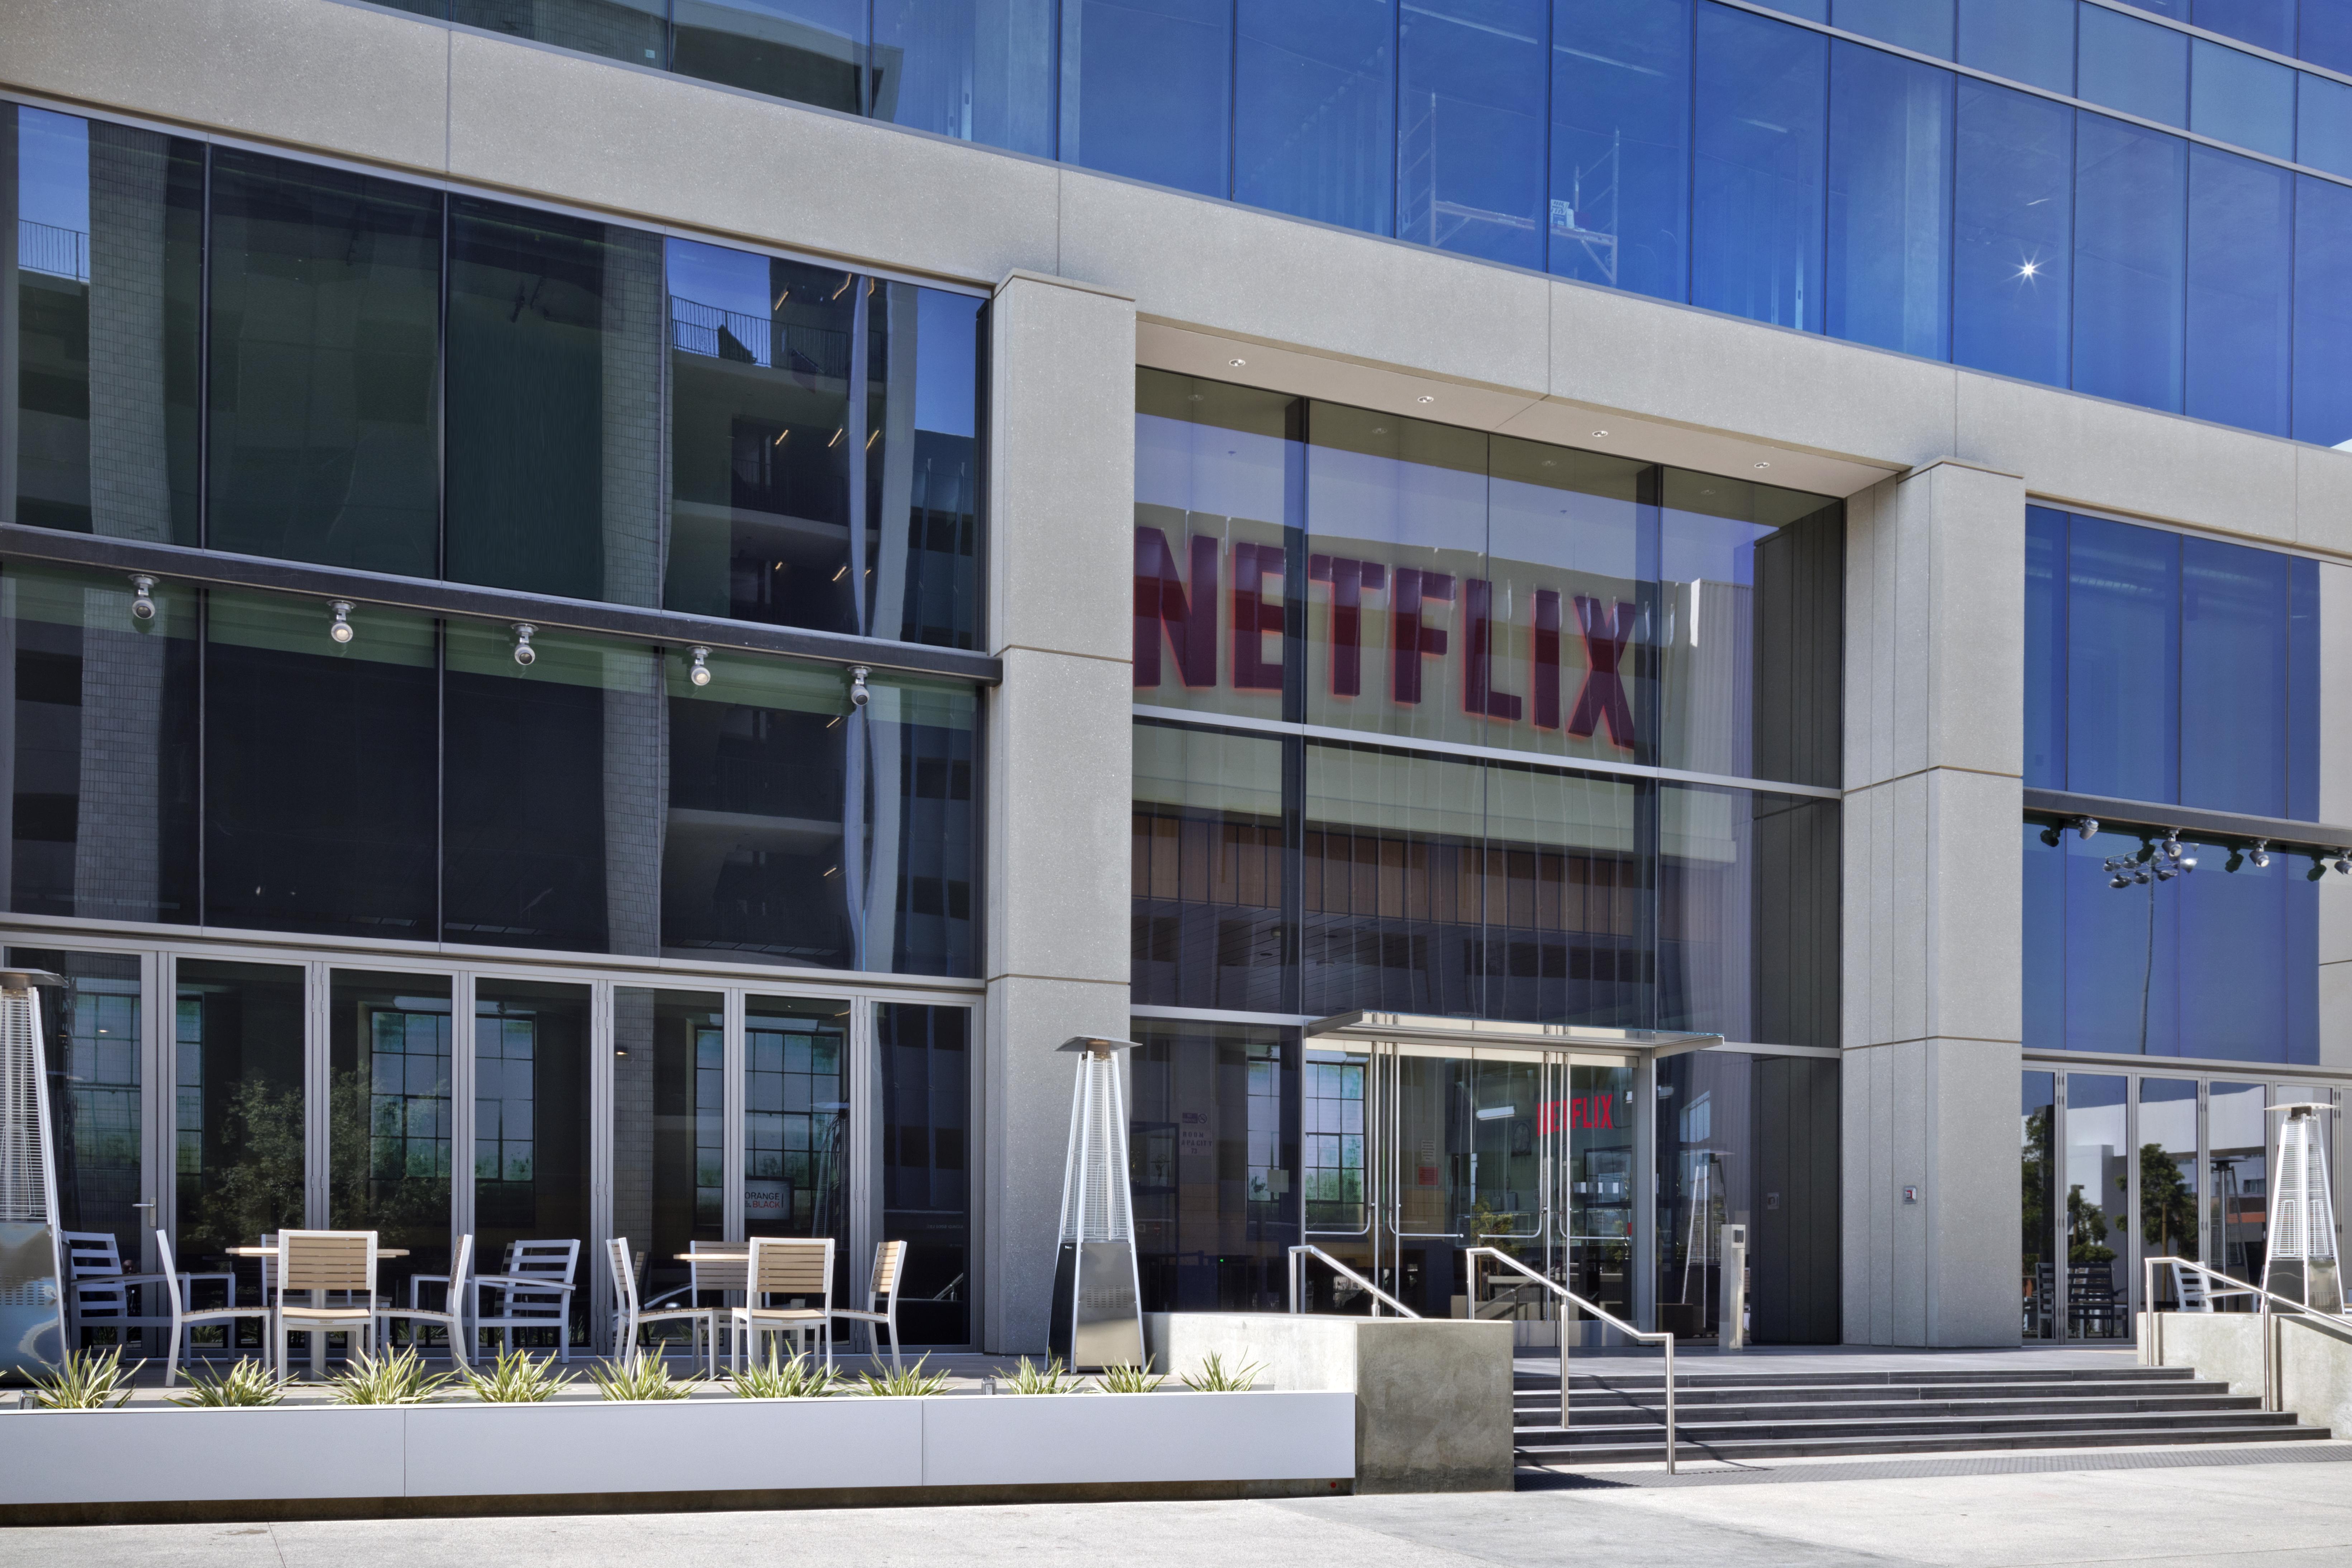 Netflix's LA offices